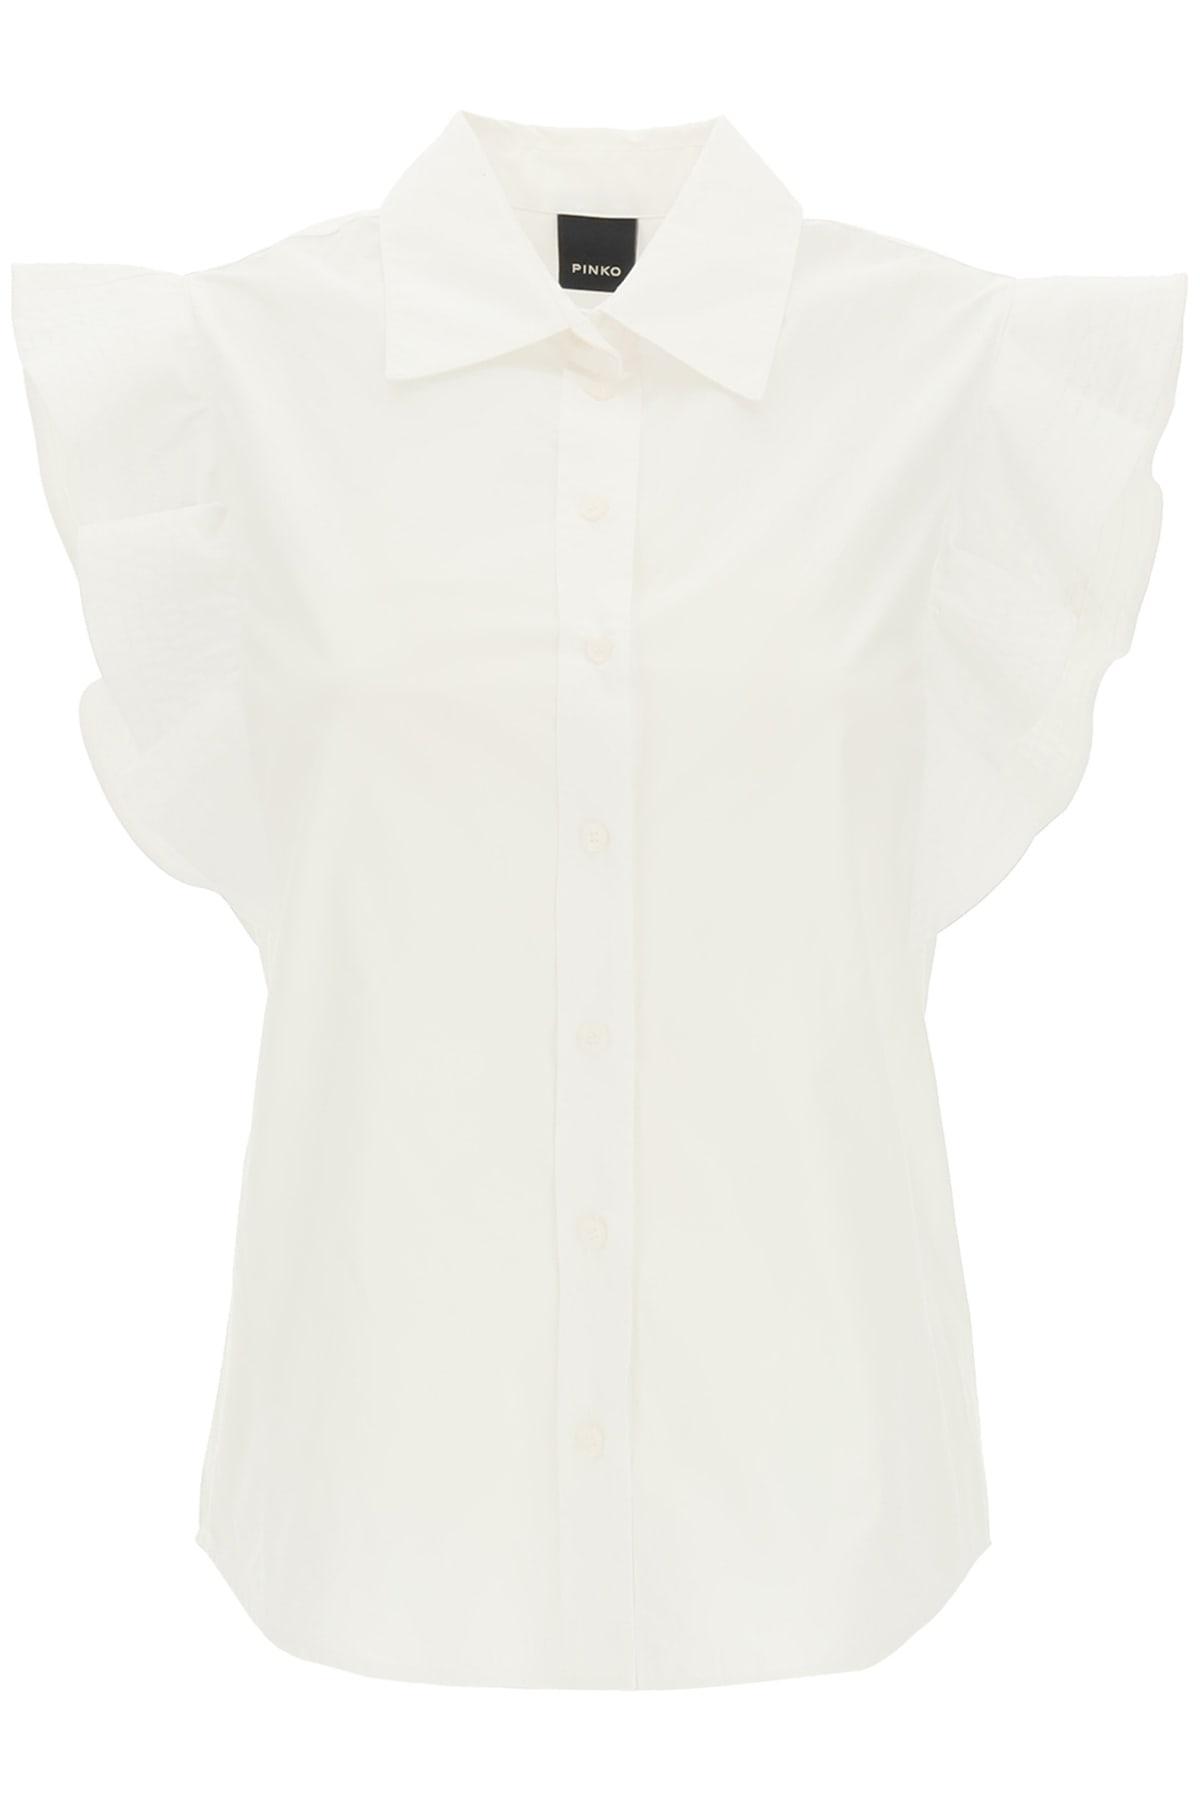 Pinko Nakoma 1 Ruffled Shirt